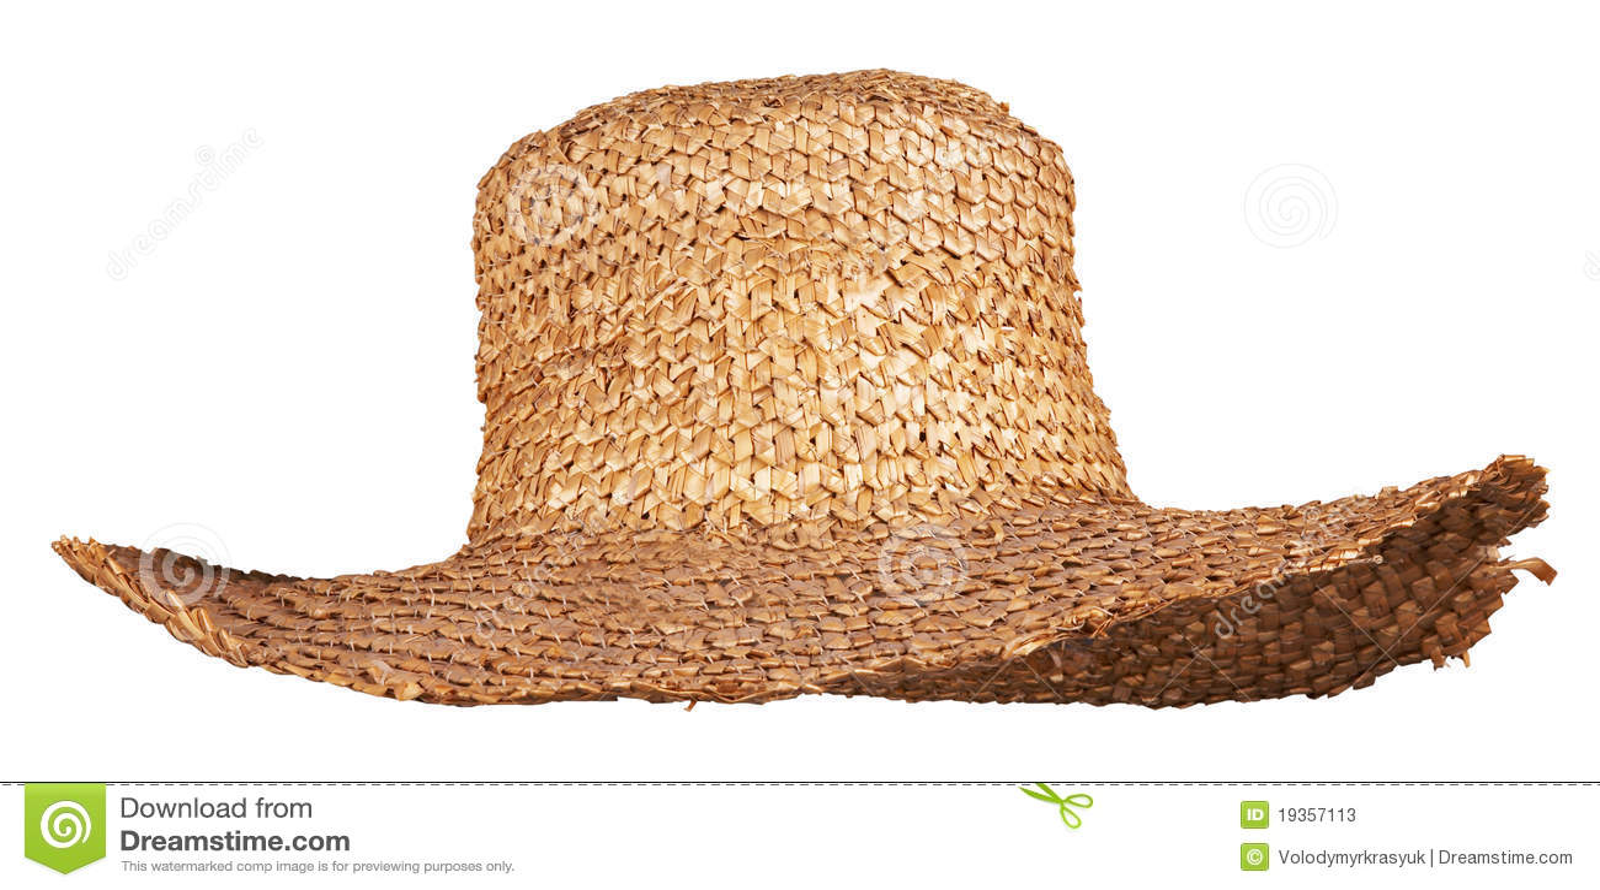 imagens de stock Chapéu De Palha De Vime Amarelo Isolado - Baixe 250 ... 4dac64d409e